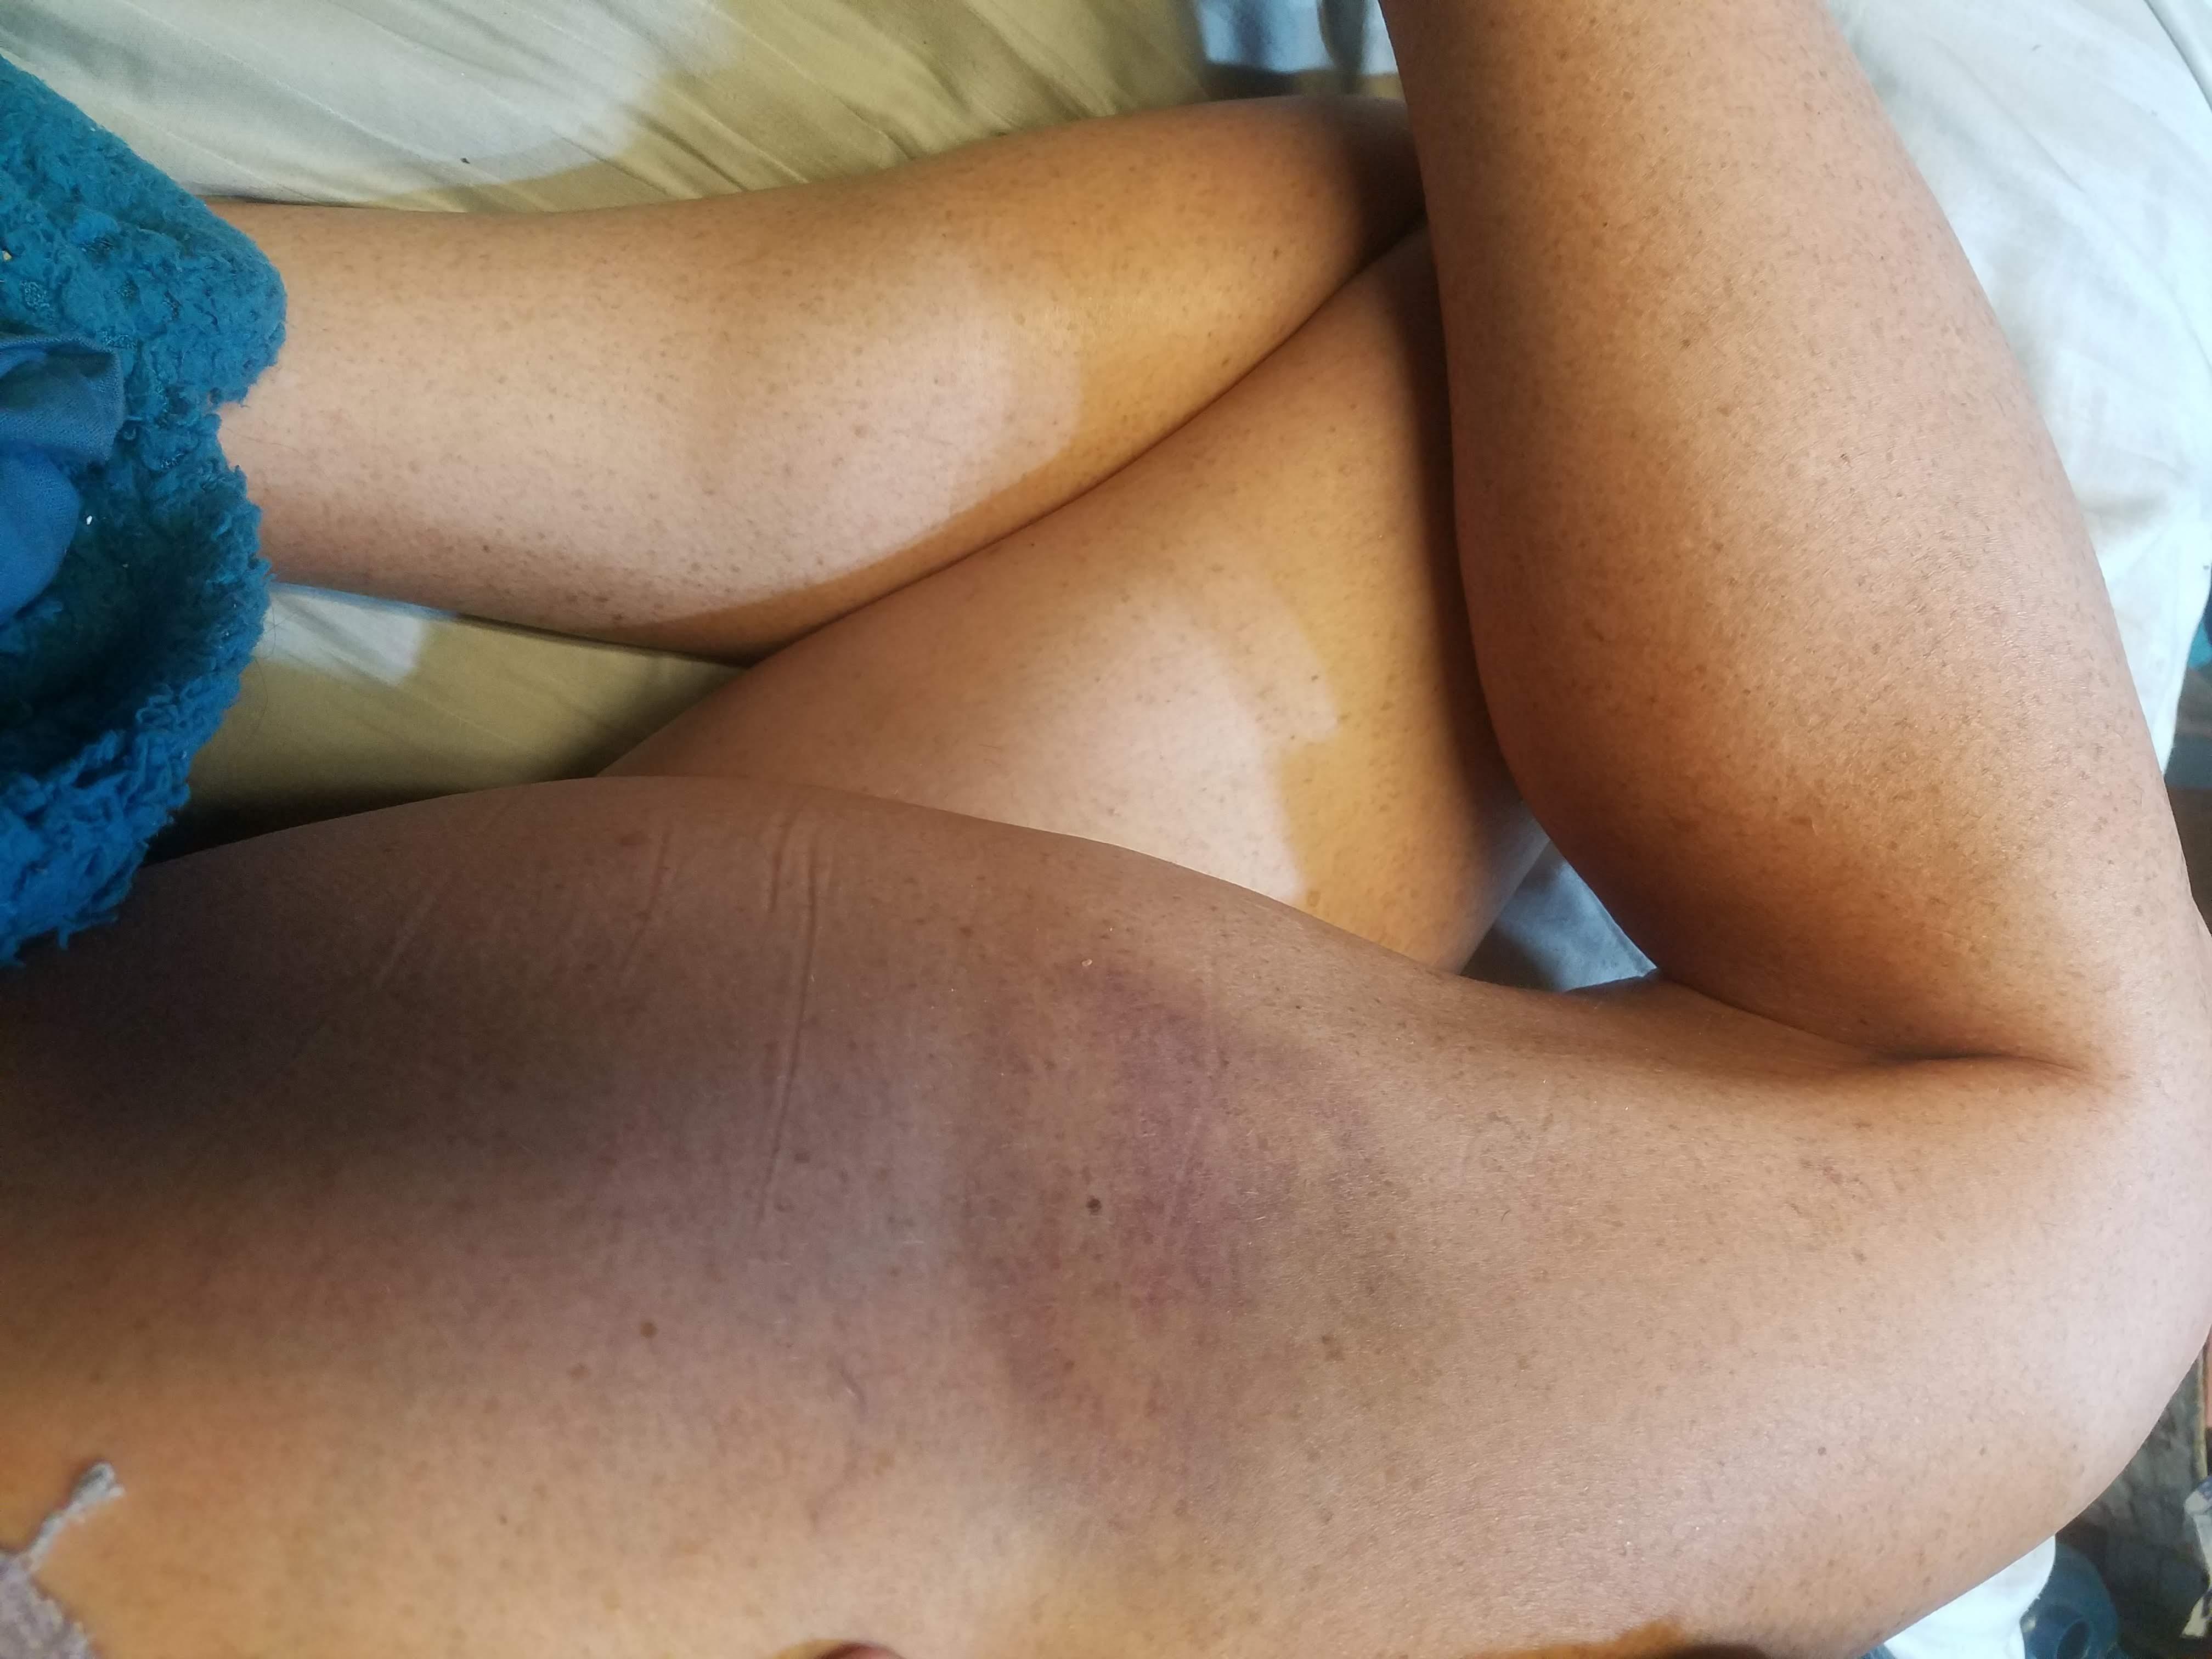 worst-online-seller-injuries-edvh9y78g.jpg